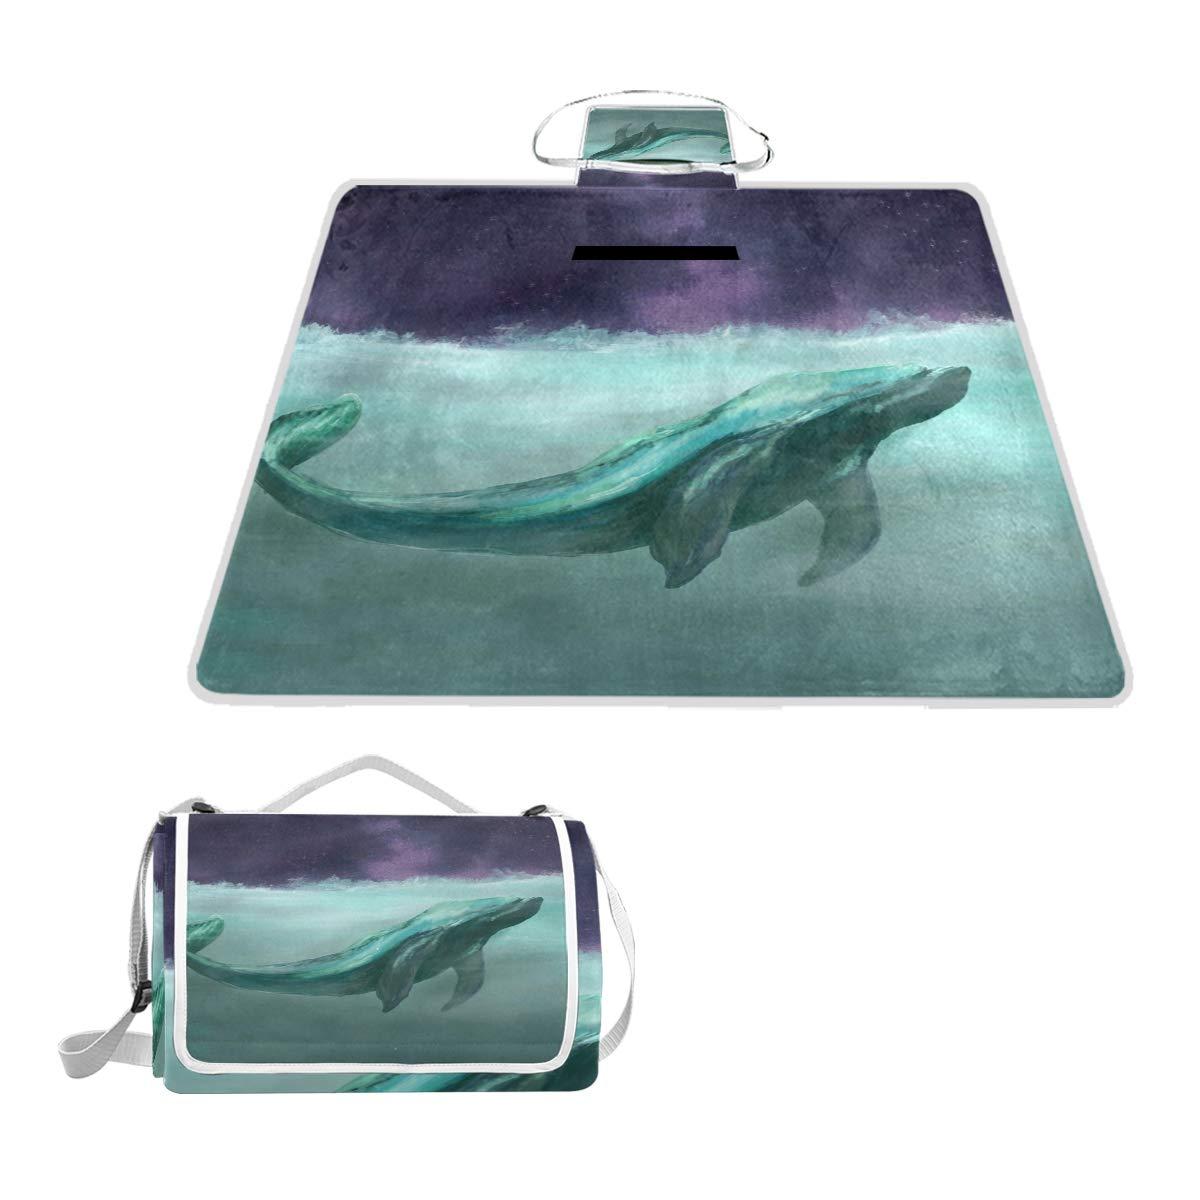 DragonSwordlinsu COOSUN Whalequote - (Impermeable, Manta para Picnic (Impermeable, - Resistente al Moho, para Camping, picnics, Playas, Senderismo, Viajes, Salidas de Furgoneta) d5ee85